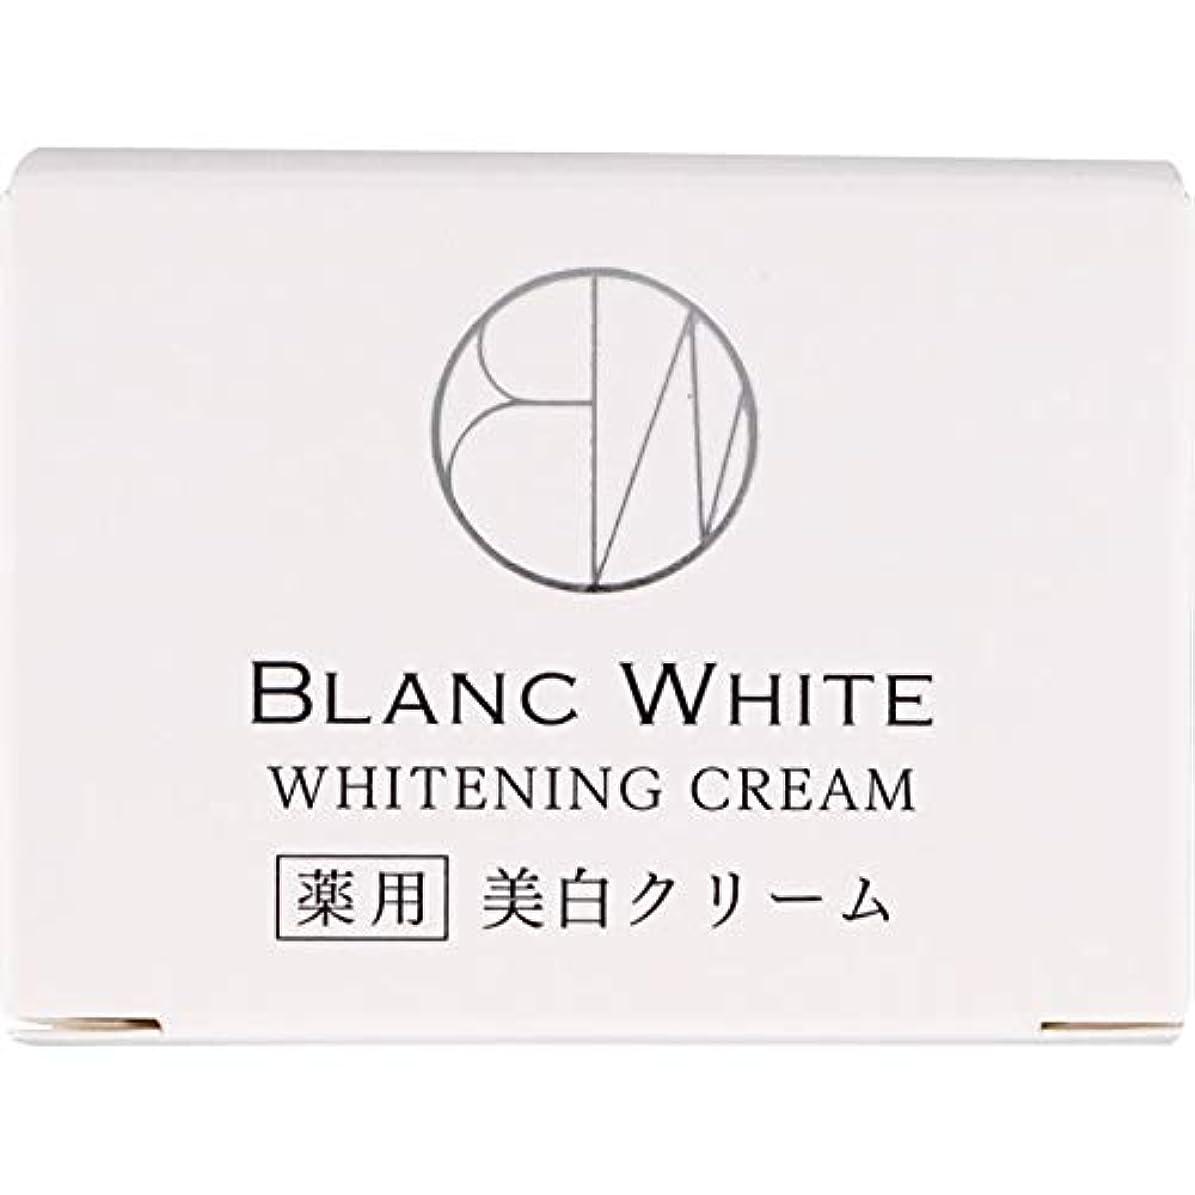 仕事原子パートナーブランホワイト ホワイトニング クリーム 45g